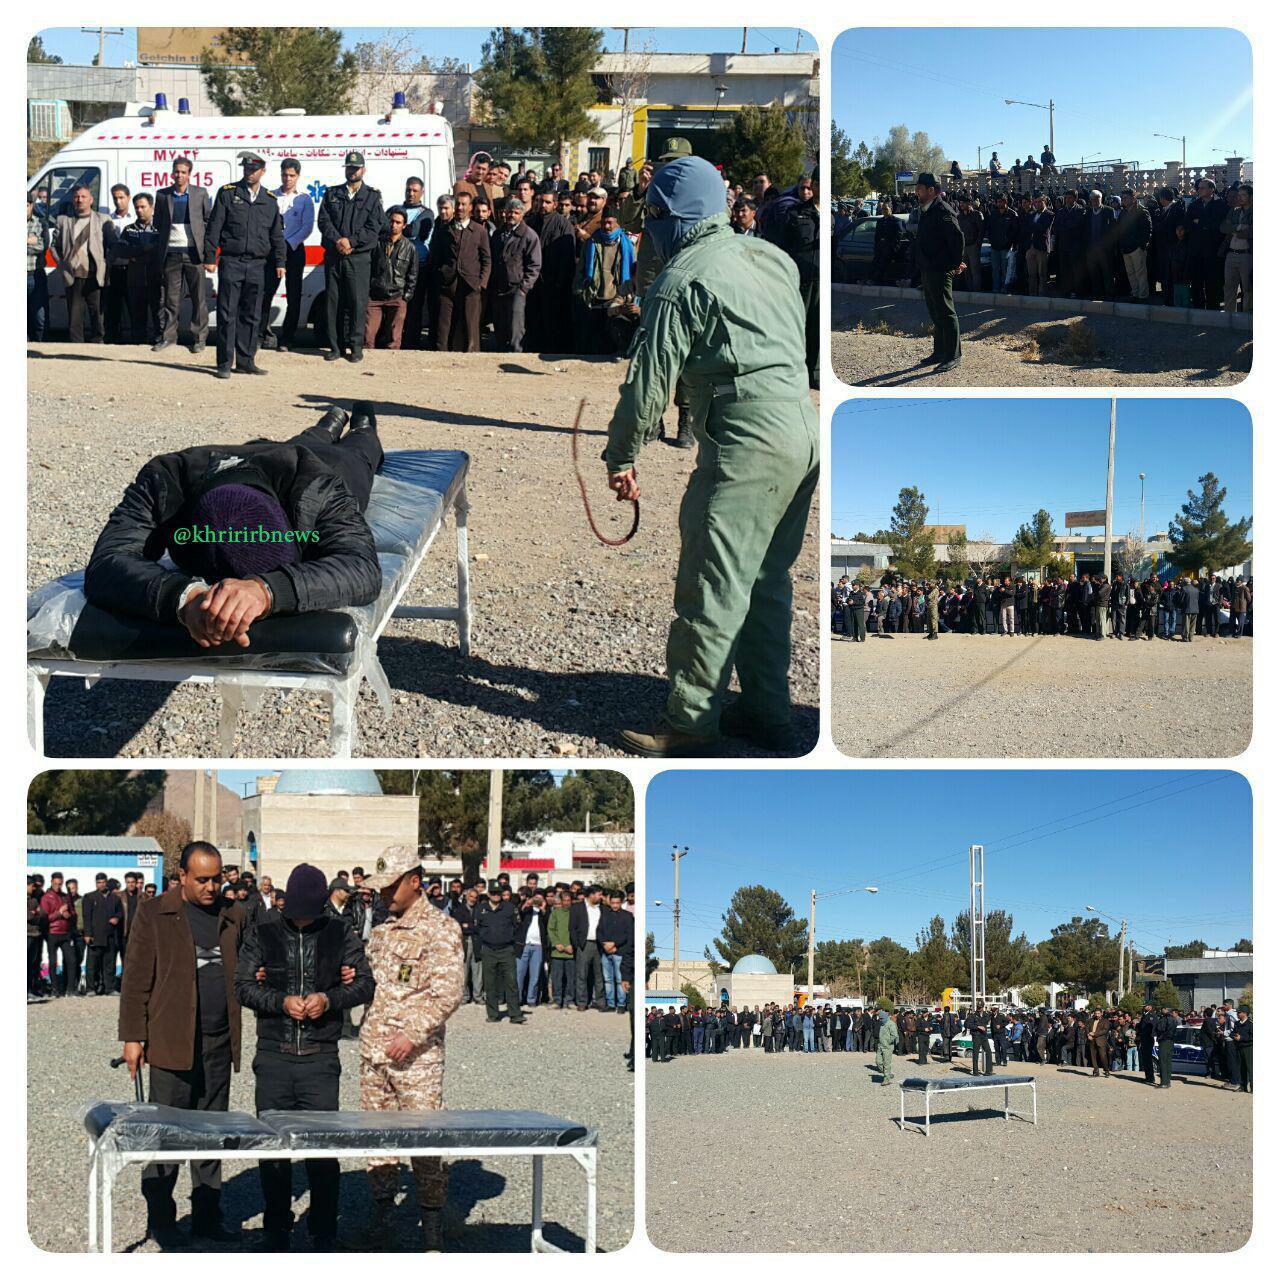 اجرای حکم شلاق در ملاعام به اتهام تهدید به چاقو در خراسان (عکس)